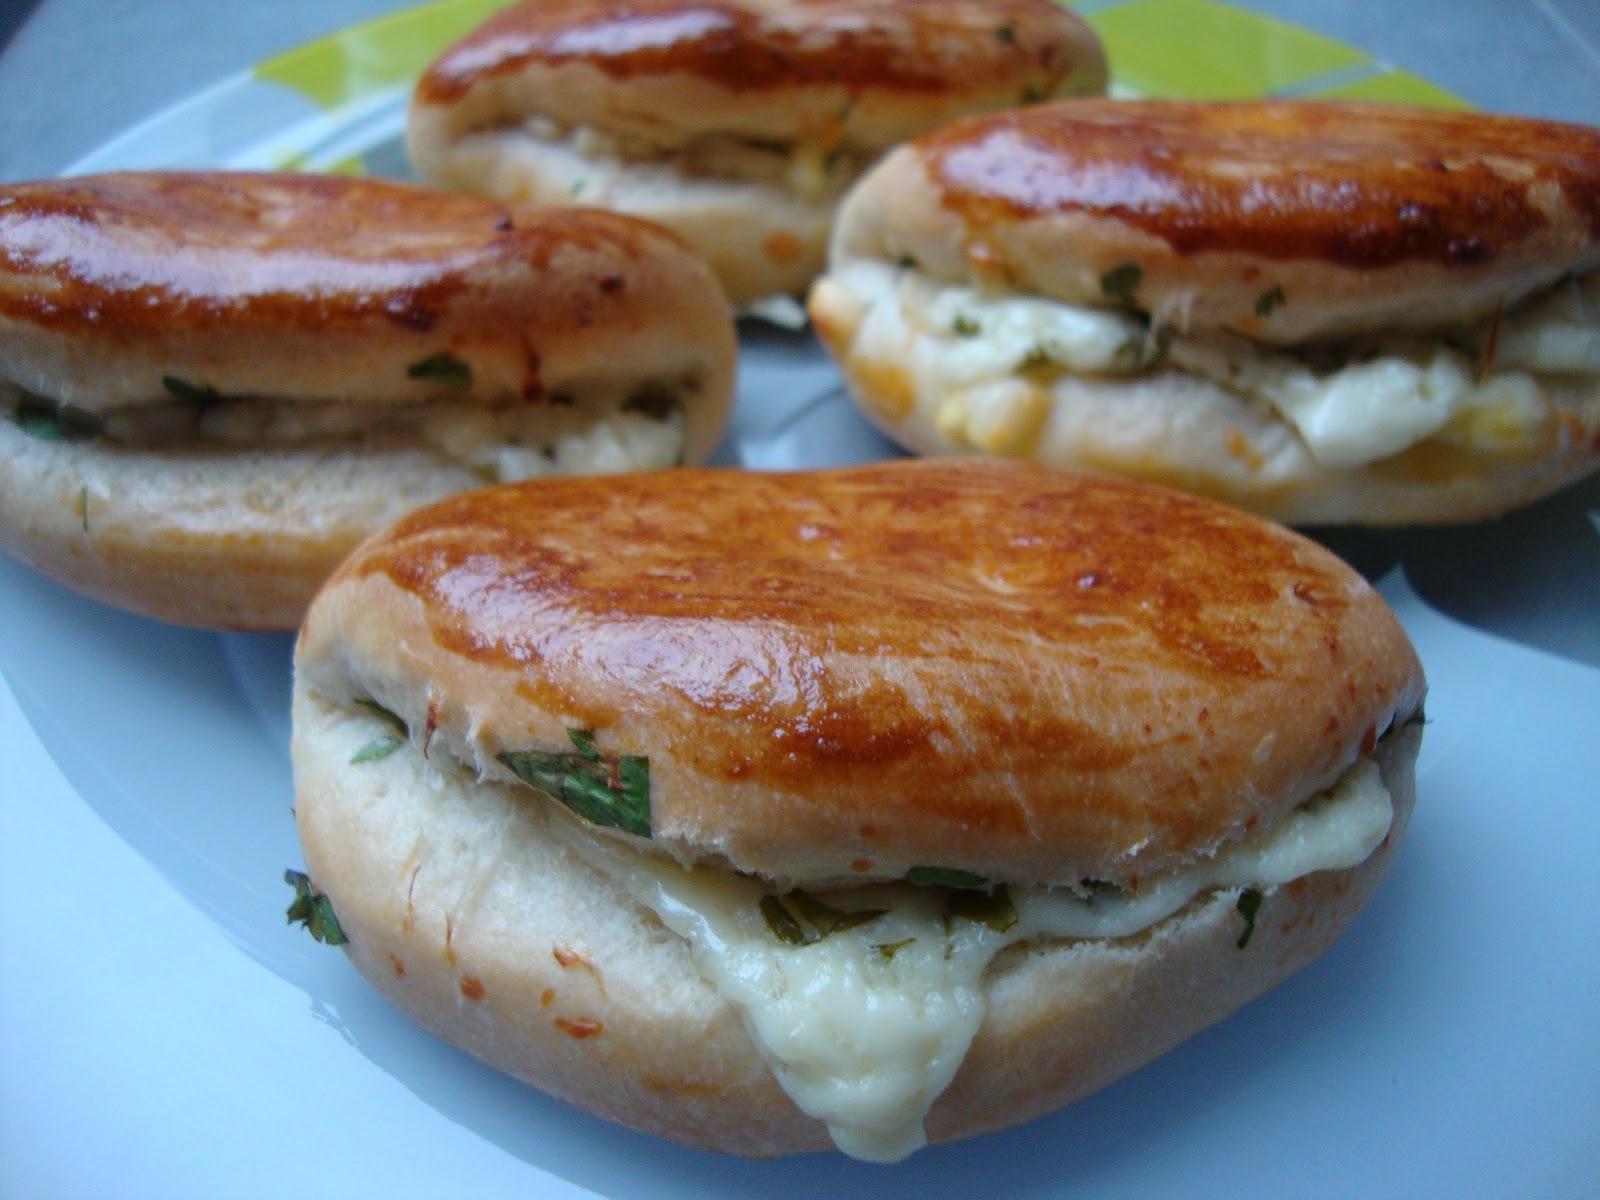 La cuisine de mon pays la turquie po a a petit pains fourr s aux fromages - La cuisine des petits ...